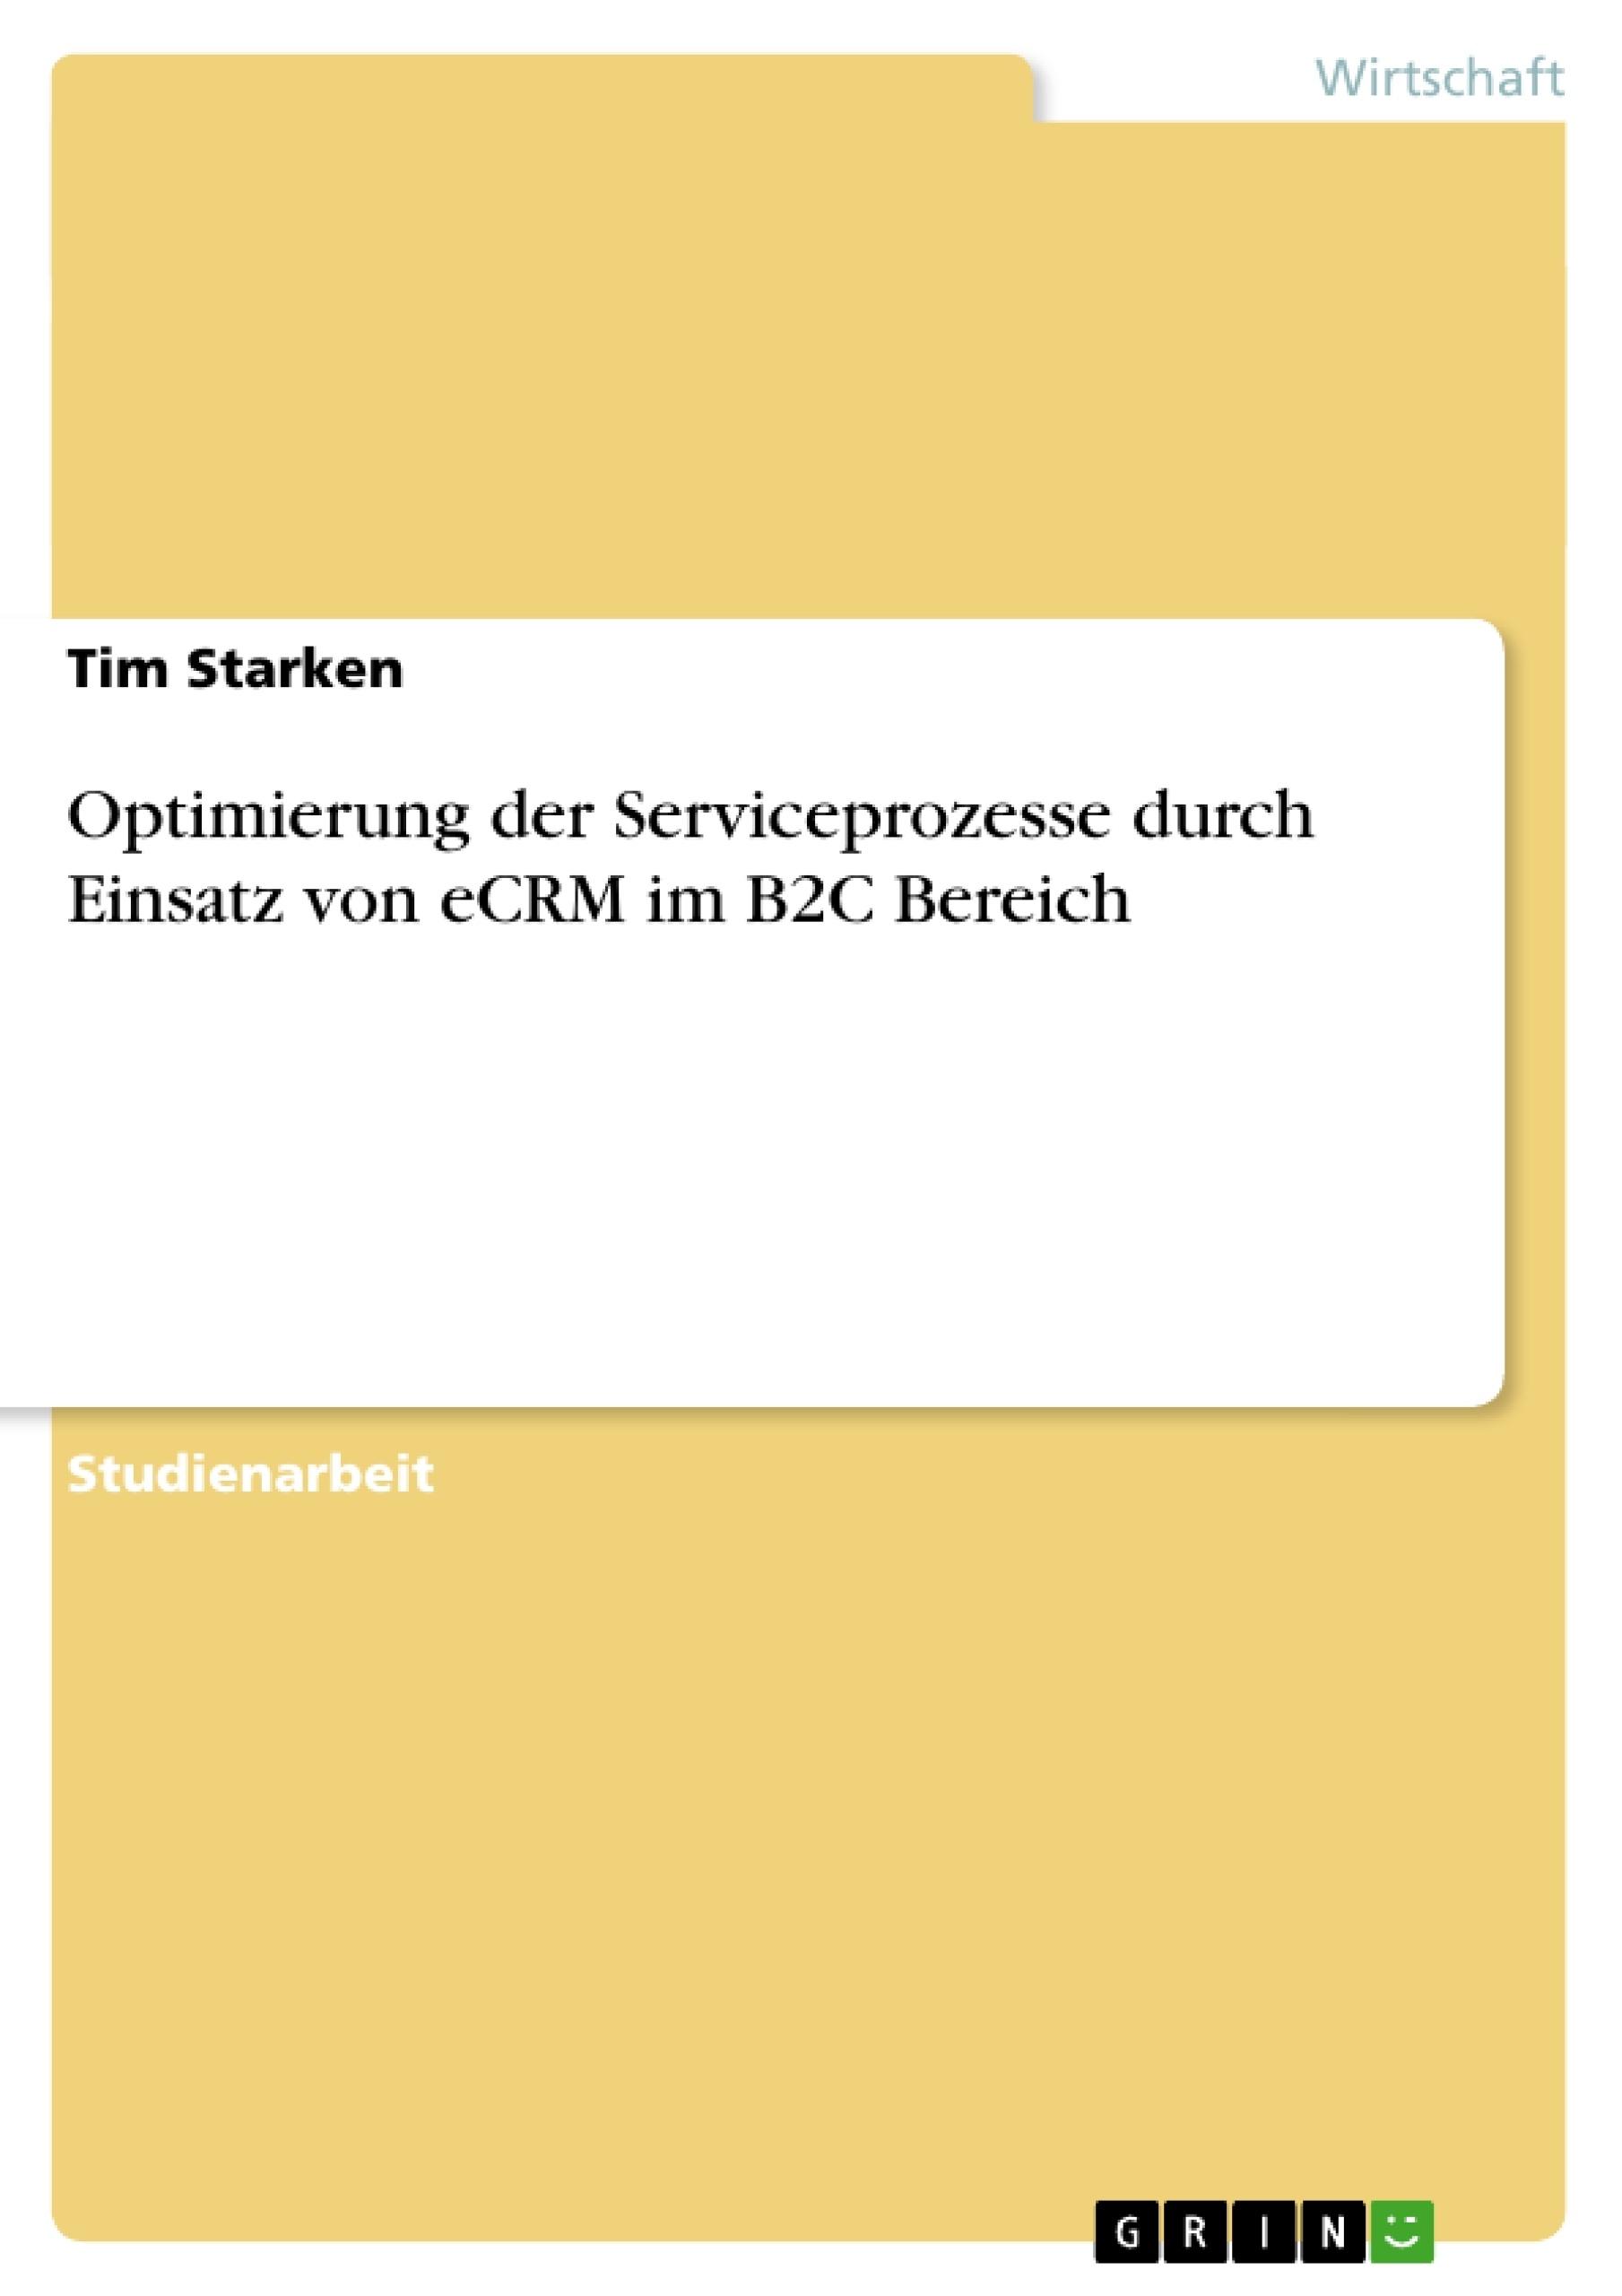 Titel: Optimierung der Serviceprozesse durch Einsatz von eCRM im B2C Bereich